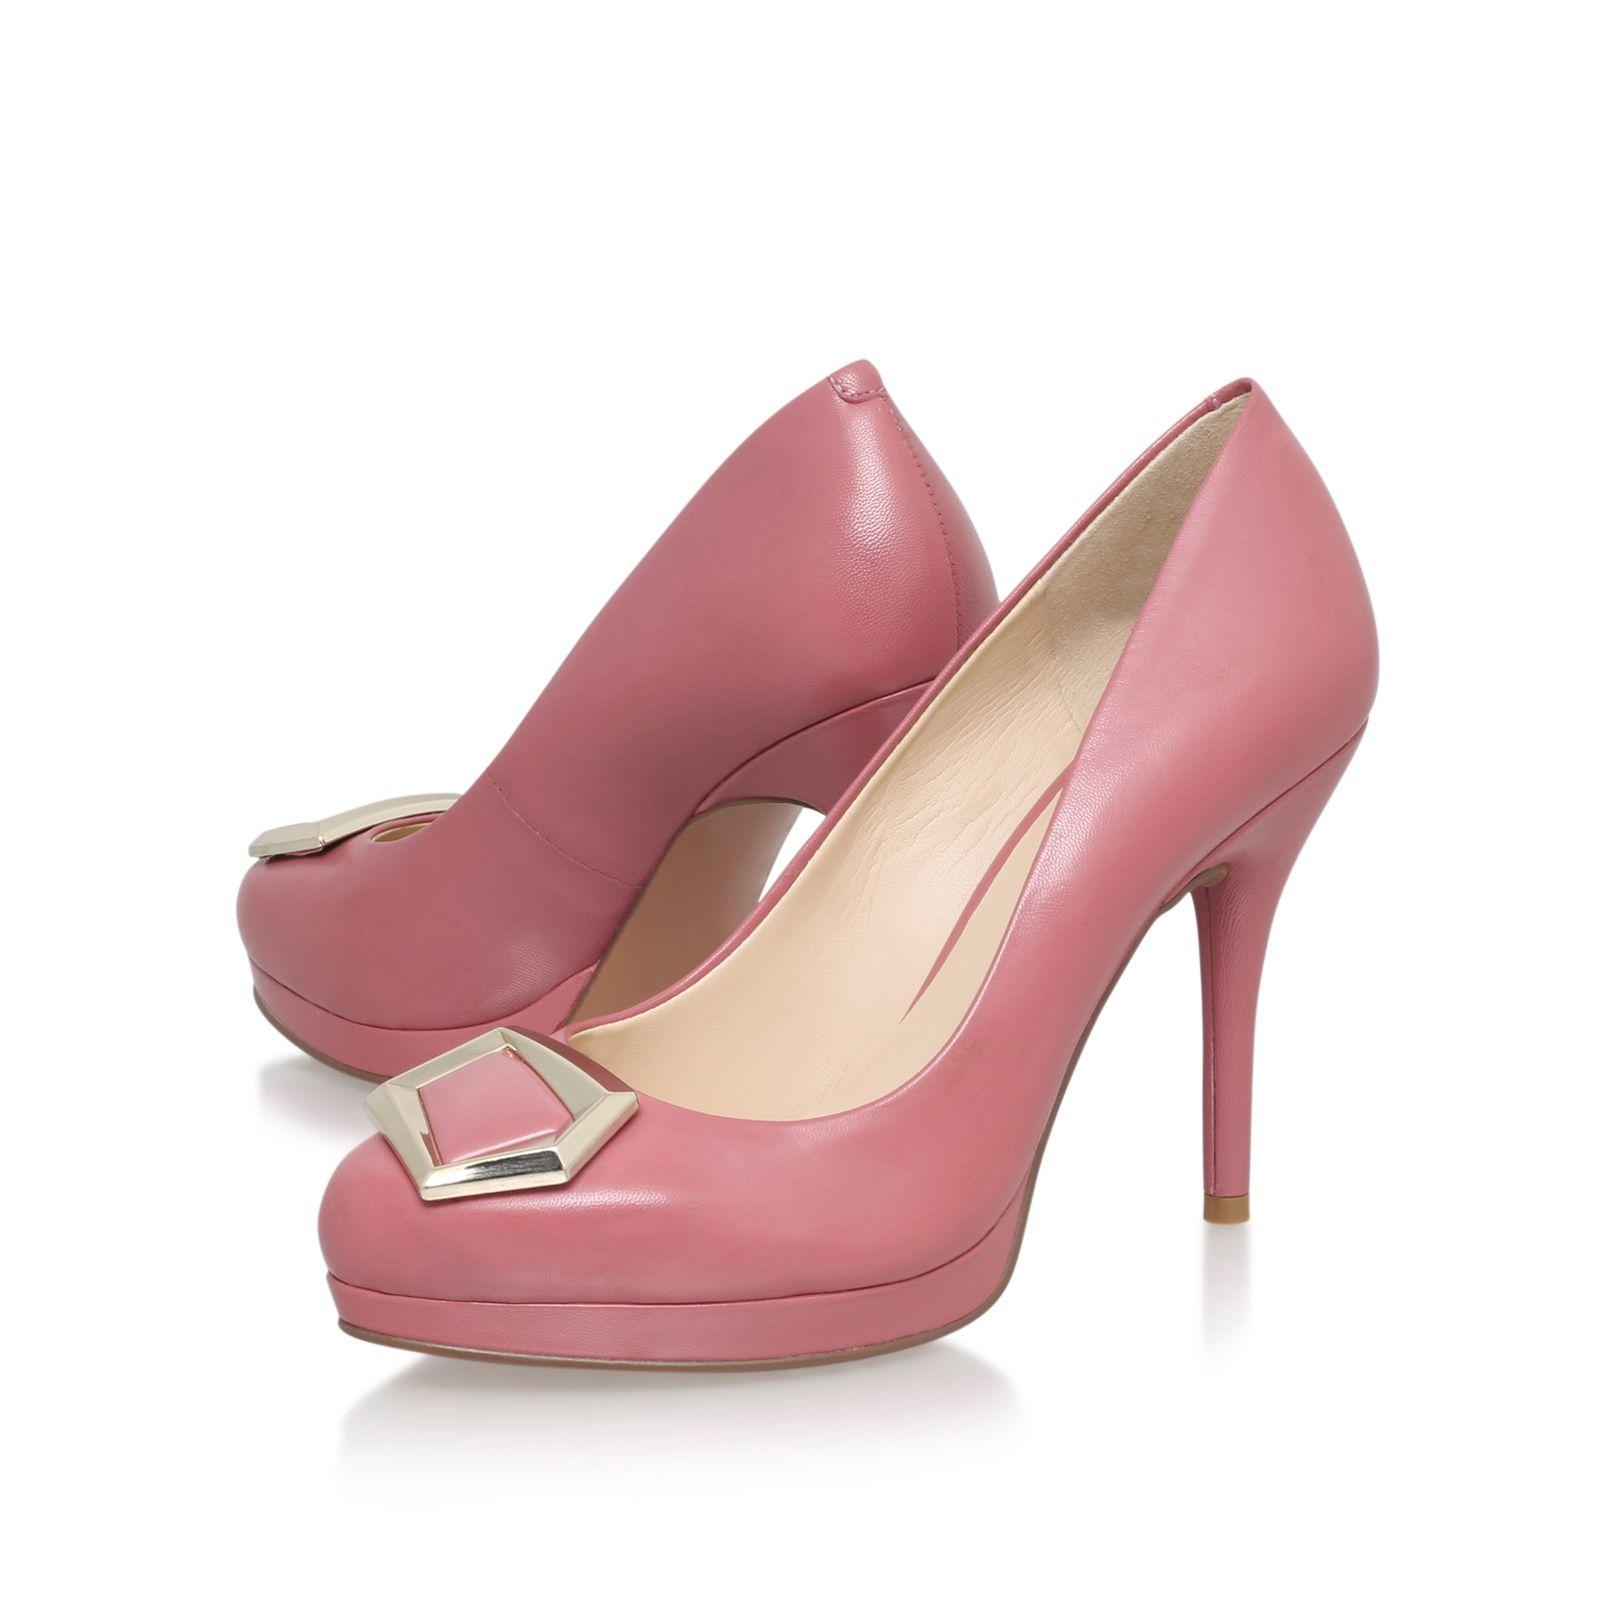 nine west keemah high heel embellished court shoes in pink lyst. Black Bedroom Furniture Sets. Home Design Ideas